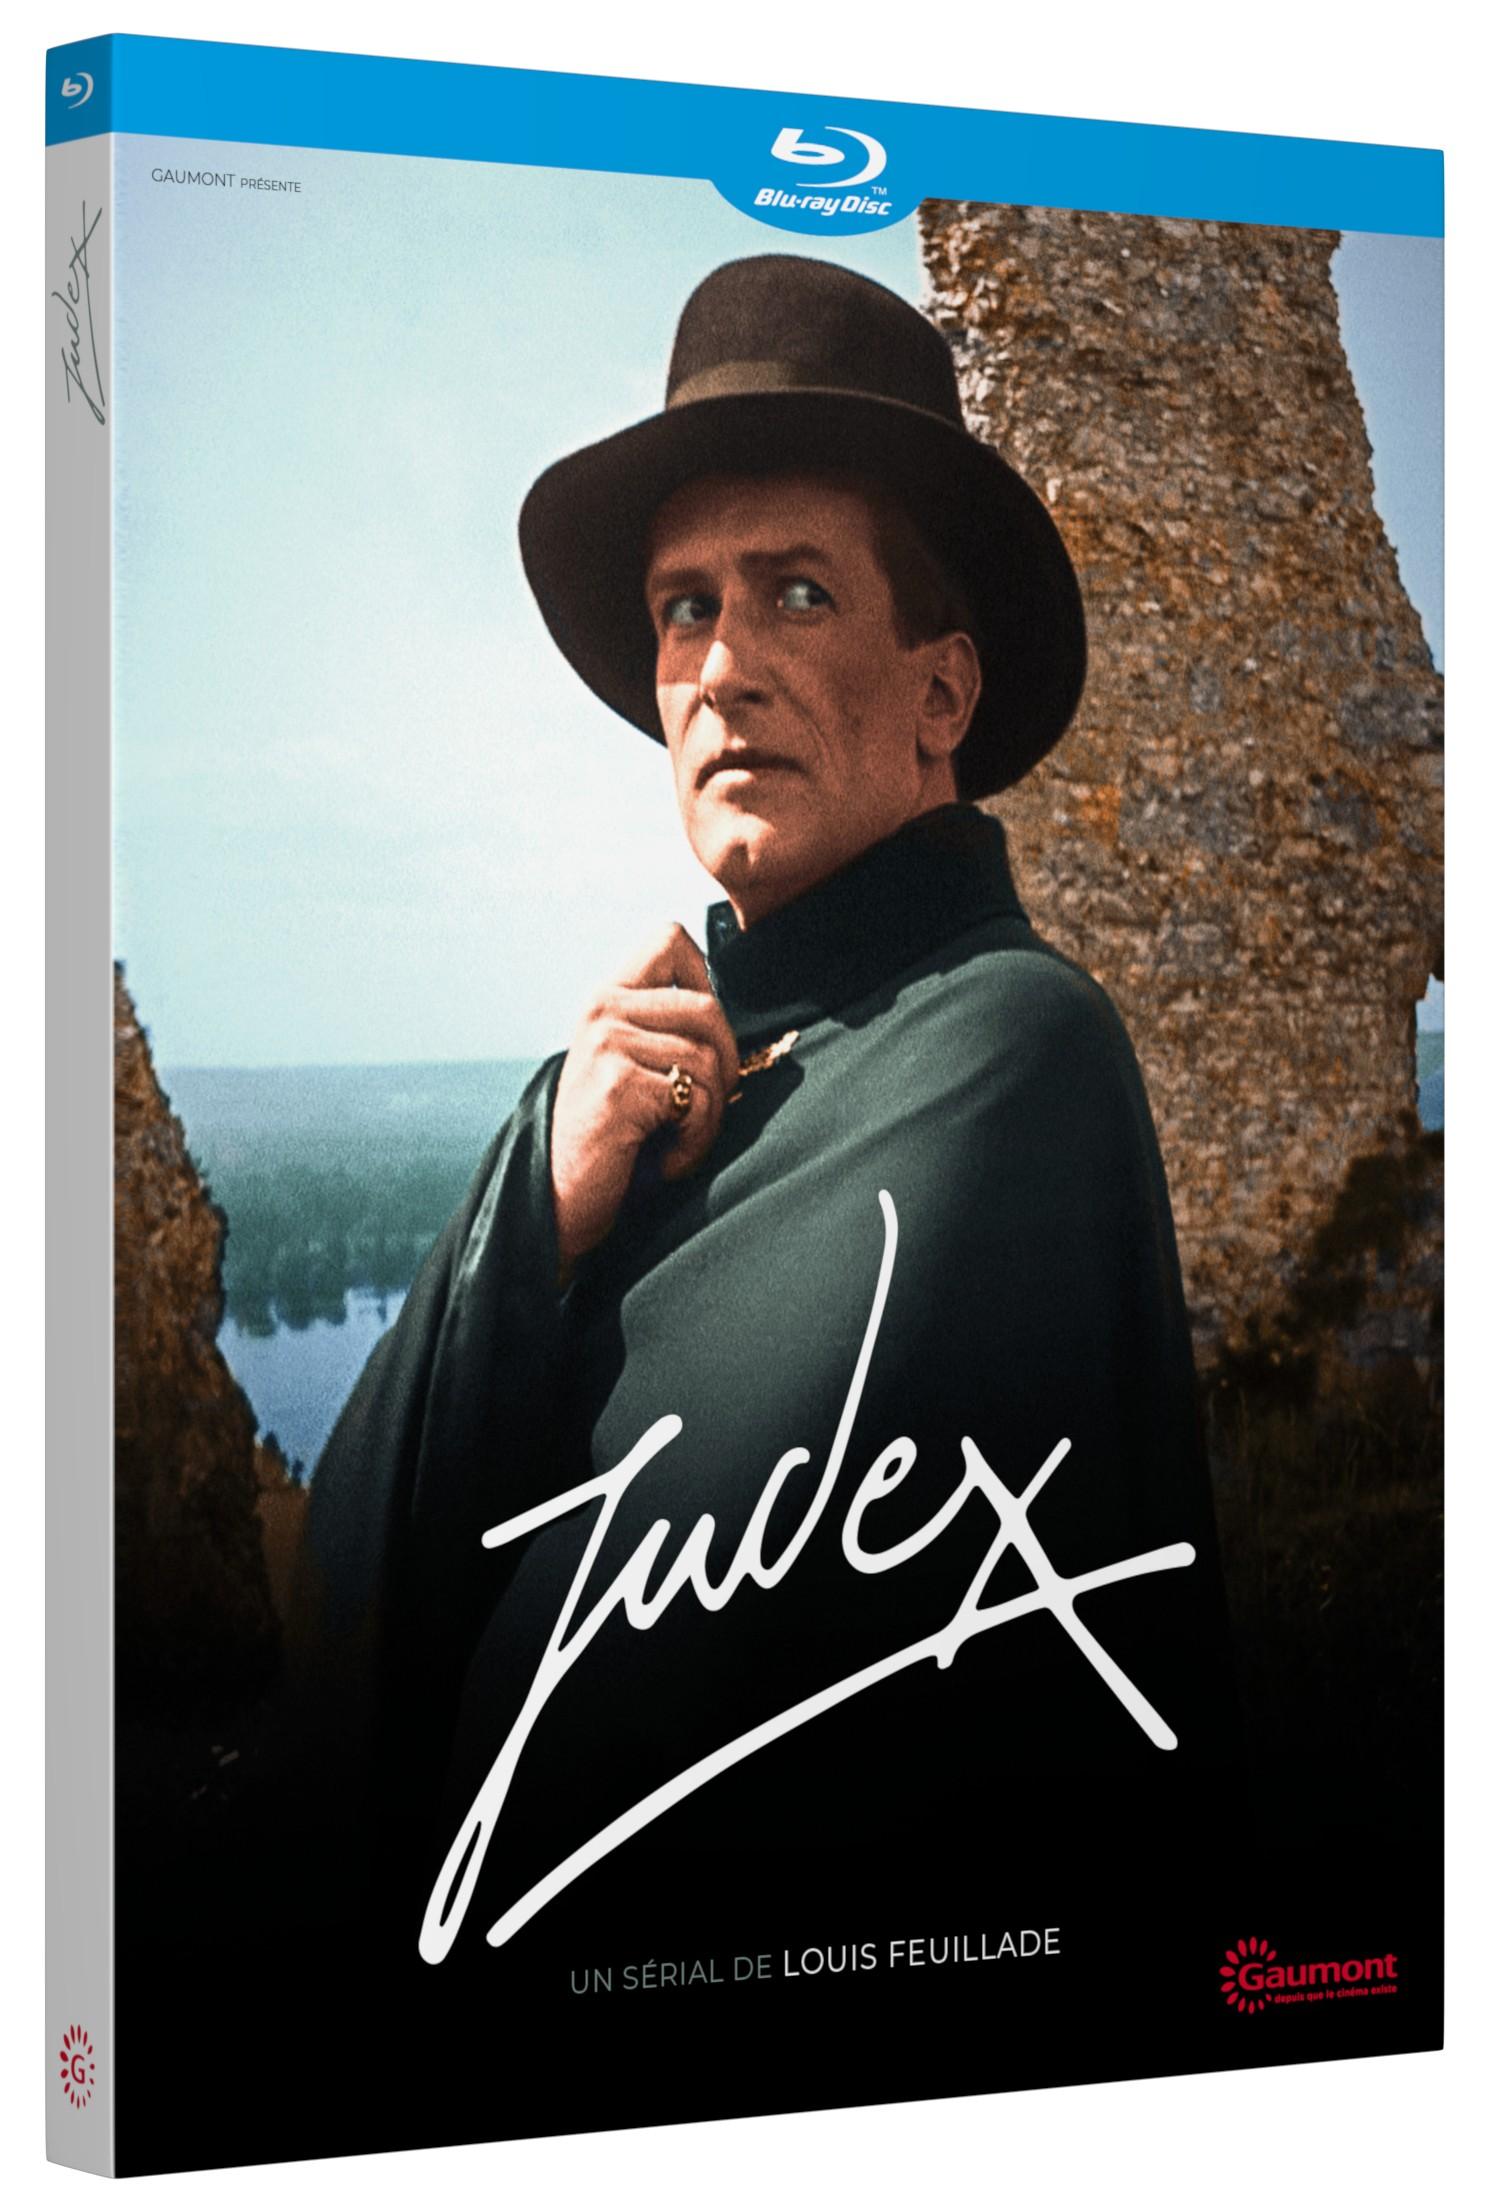 JUDEX - BRD